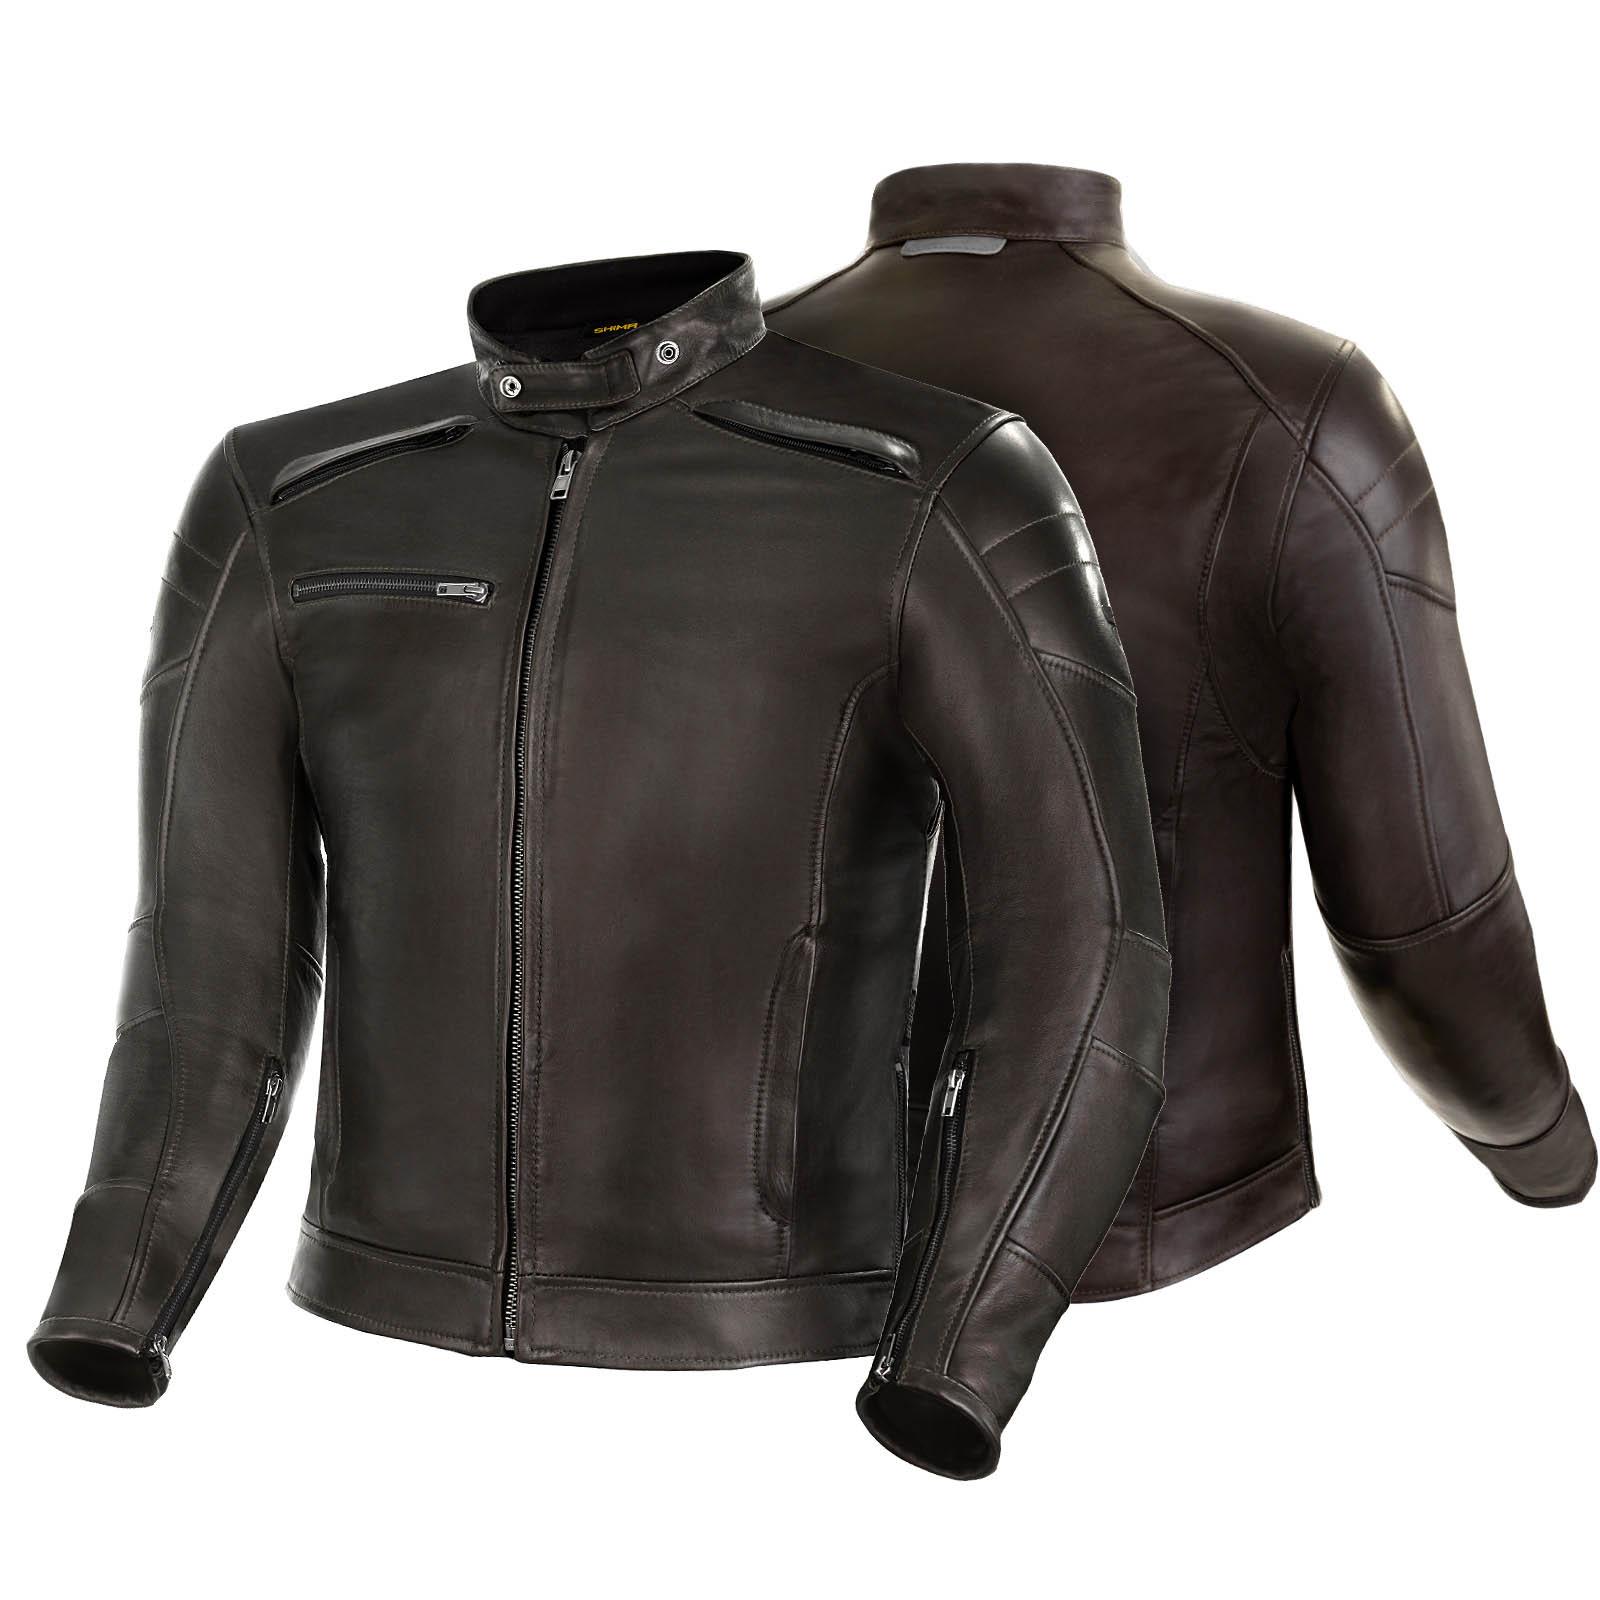 Куртка кожаная SHIMA BLAKE вид спереди и сзади для мотоциклистов купить по низкой цене